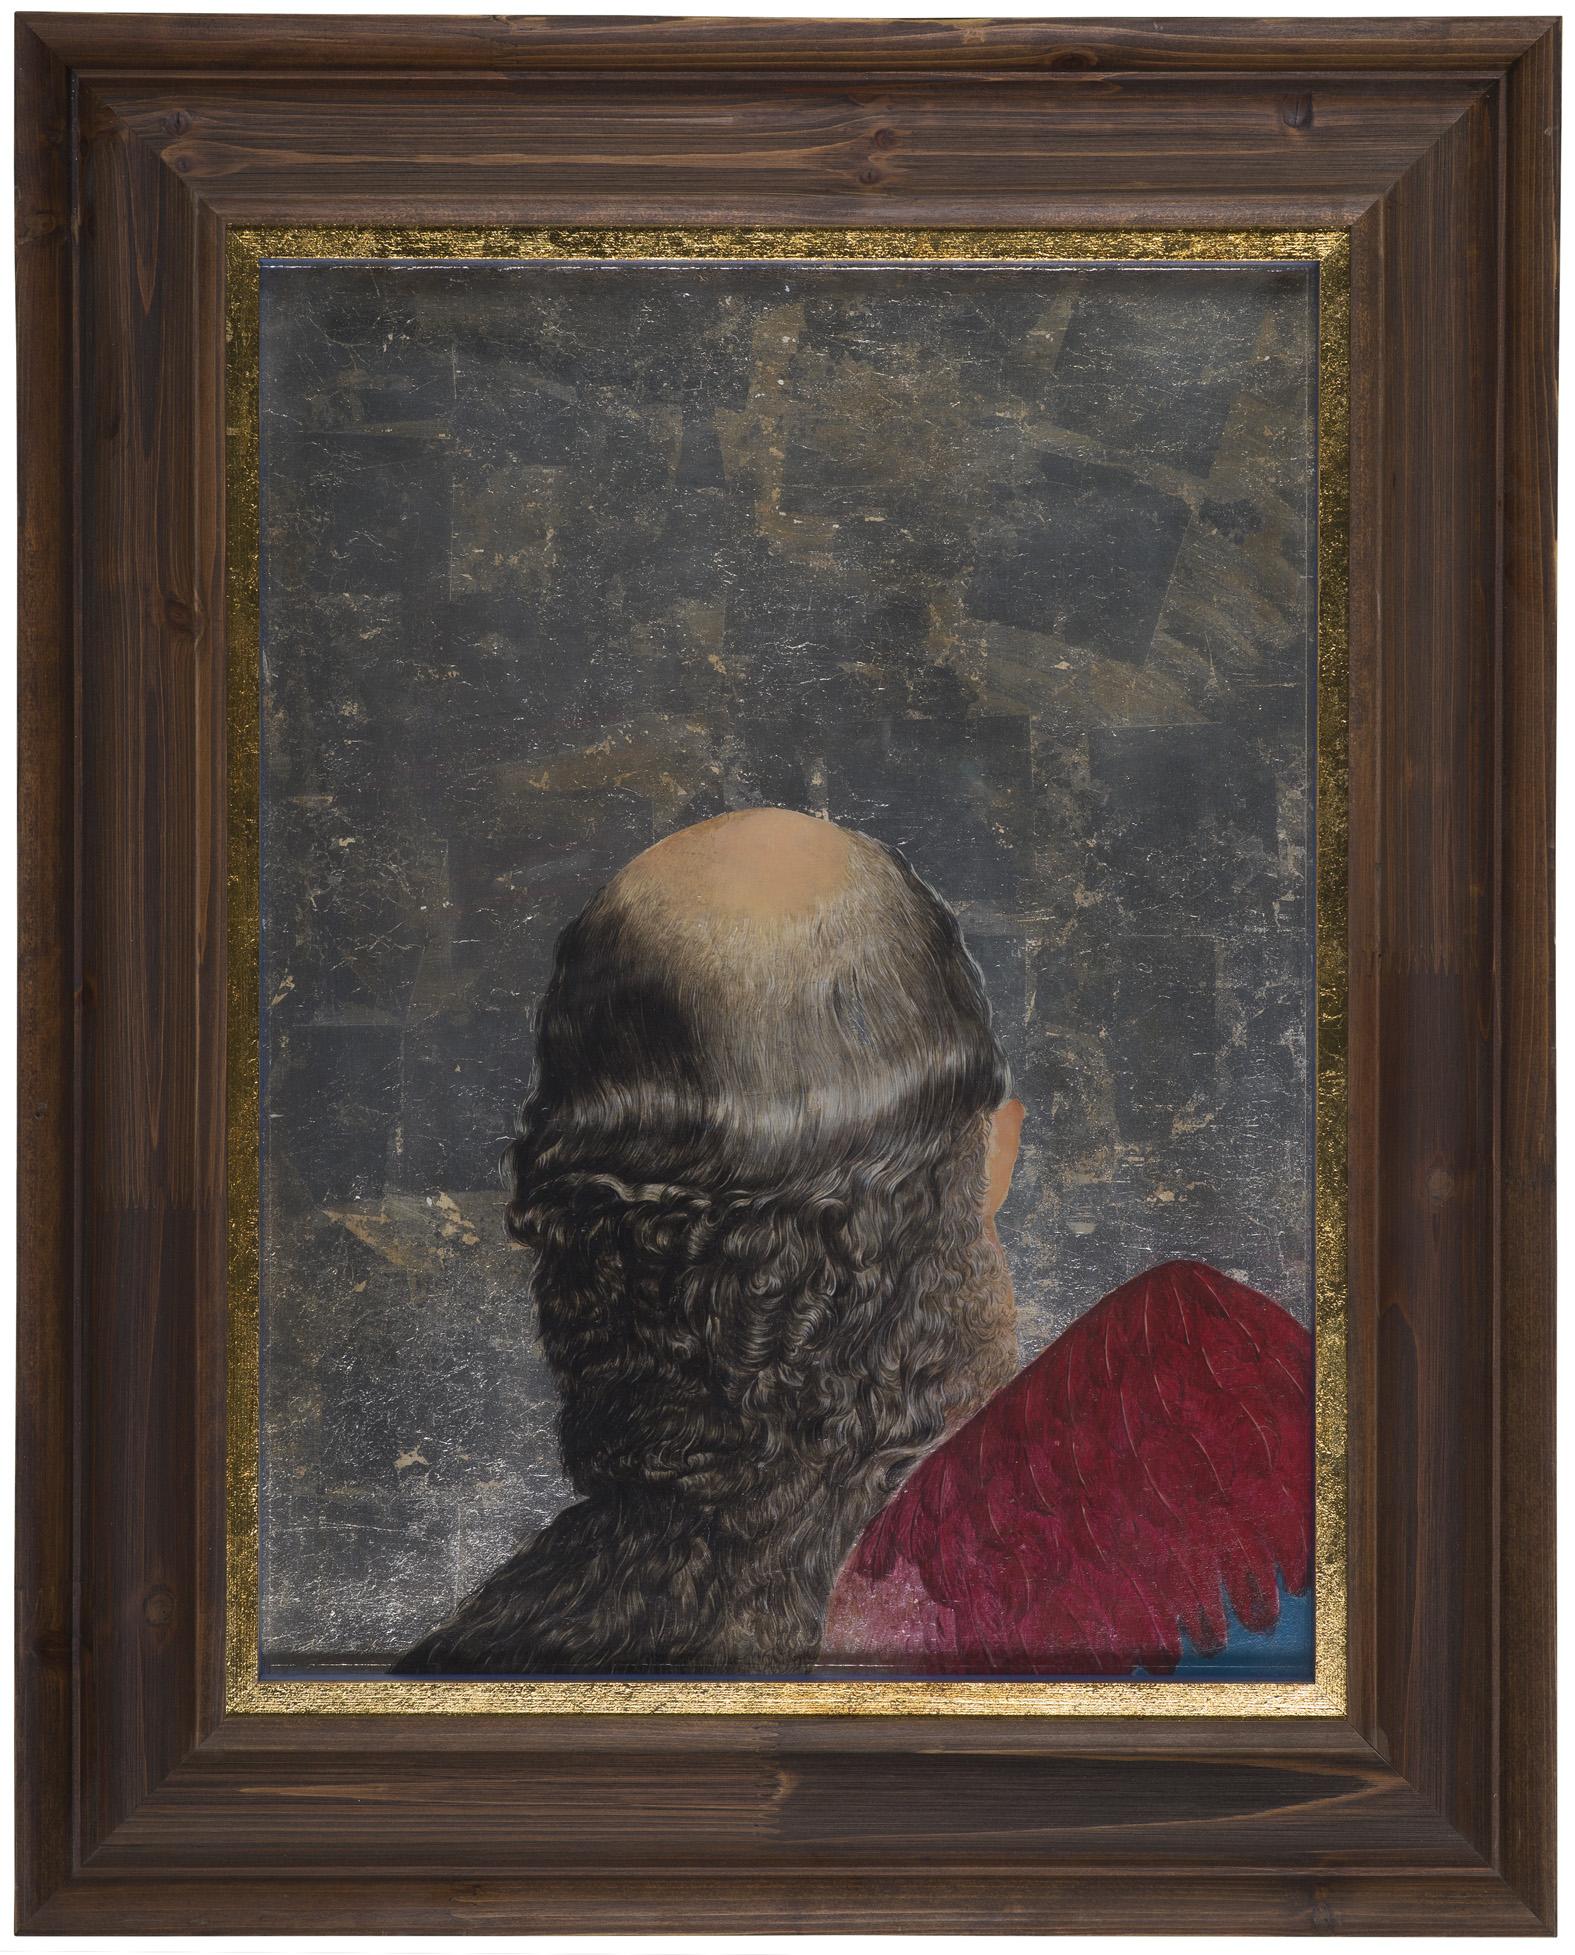 Wu Di 吴笛, Peace of Shit, 2014, Oil on board and silver foil 木板油画、银箔, 60 x 45 cm